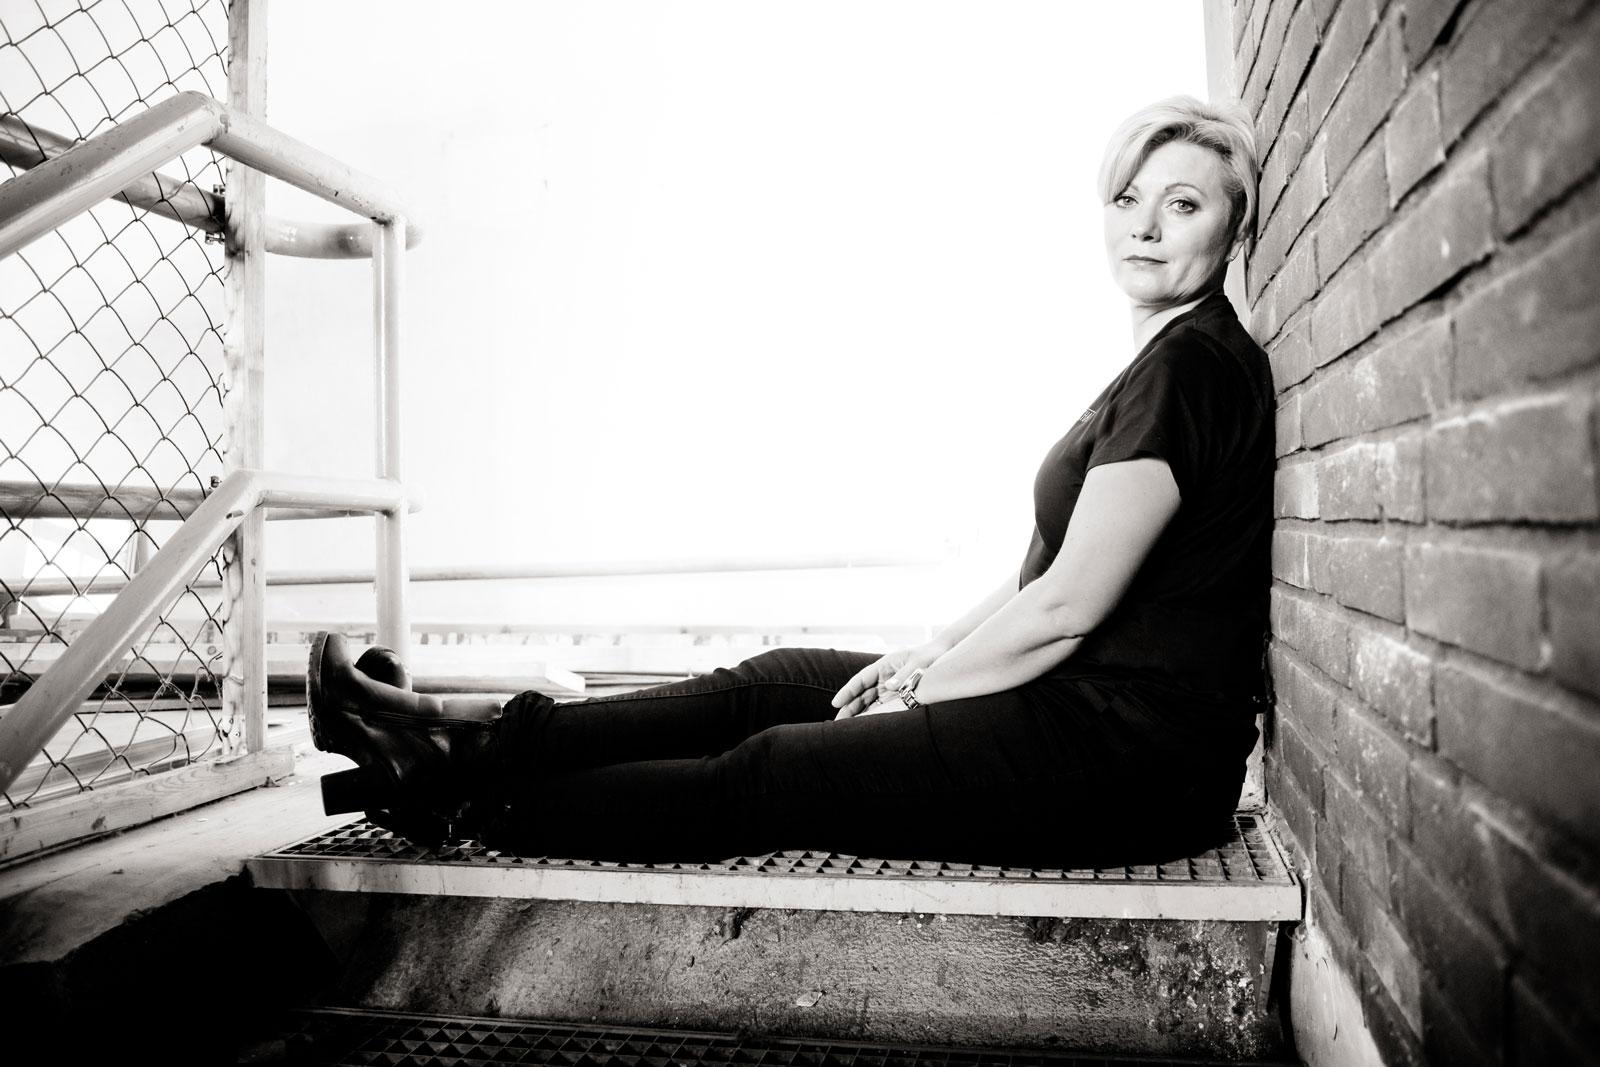 Haarscharf_Fehmarn_Hairstylist_Friseur_Salon_Burg_H0918-52_Ahlstroem_Photography.jpg